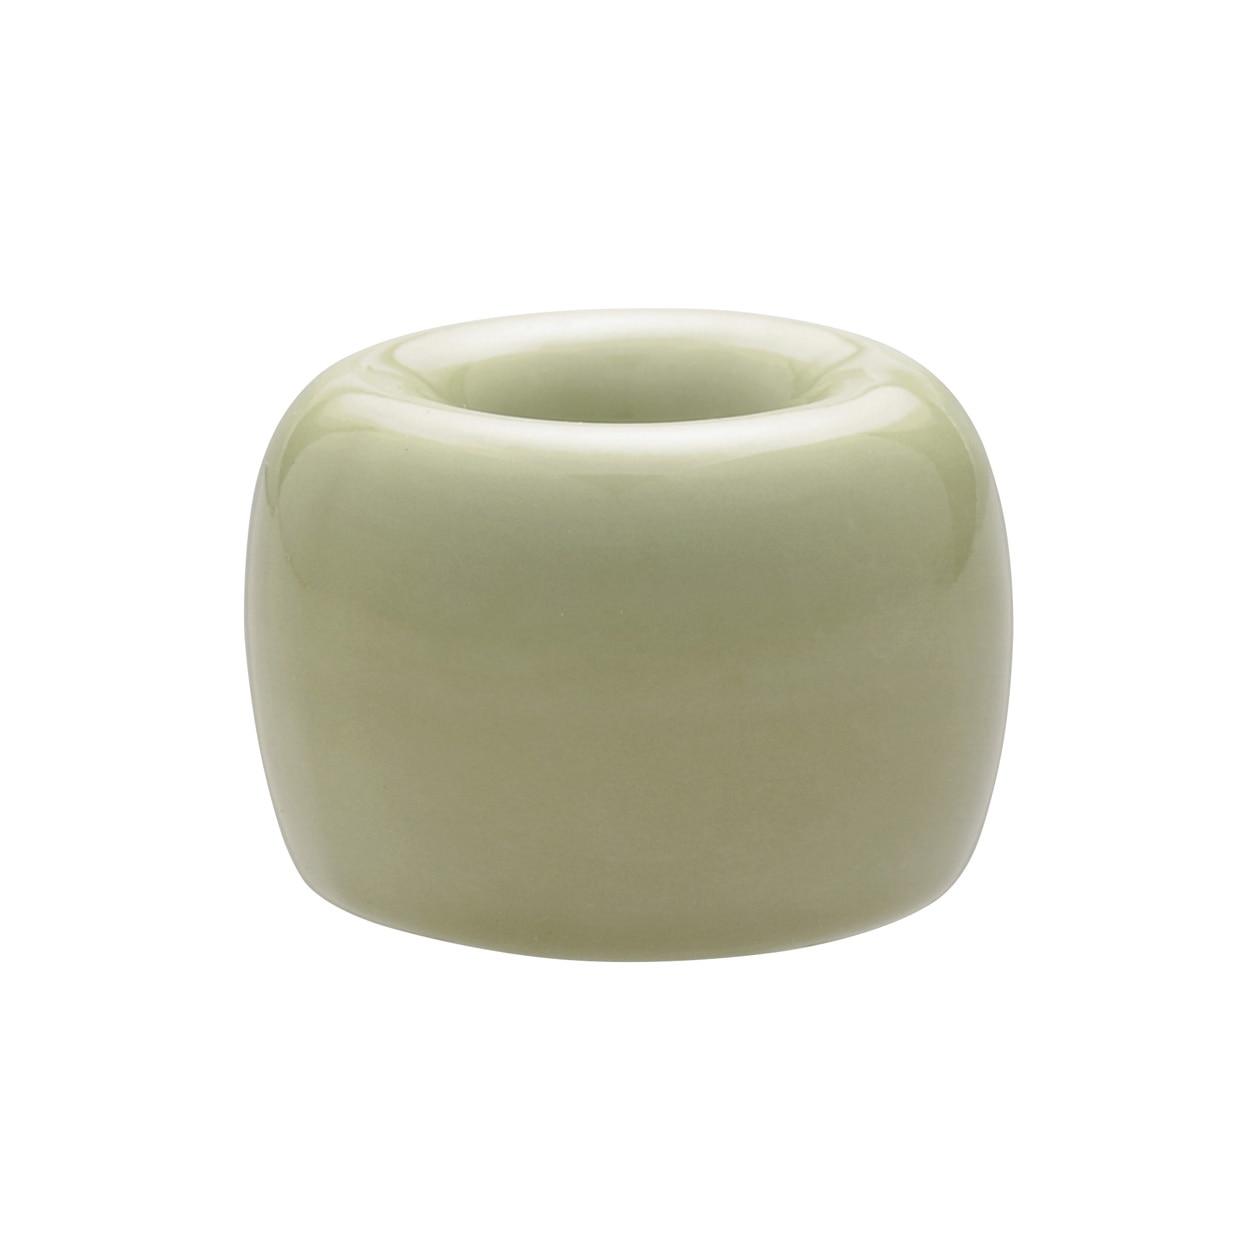 磁器歯ブラシスタンド・1本用 ライトグリーン